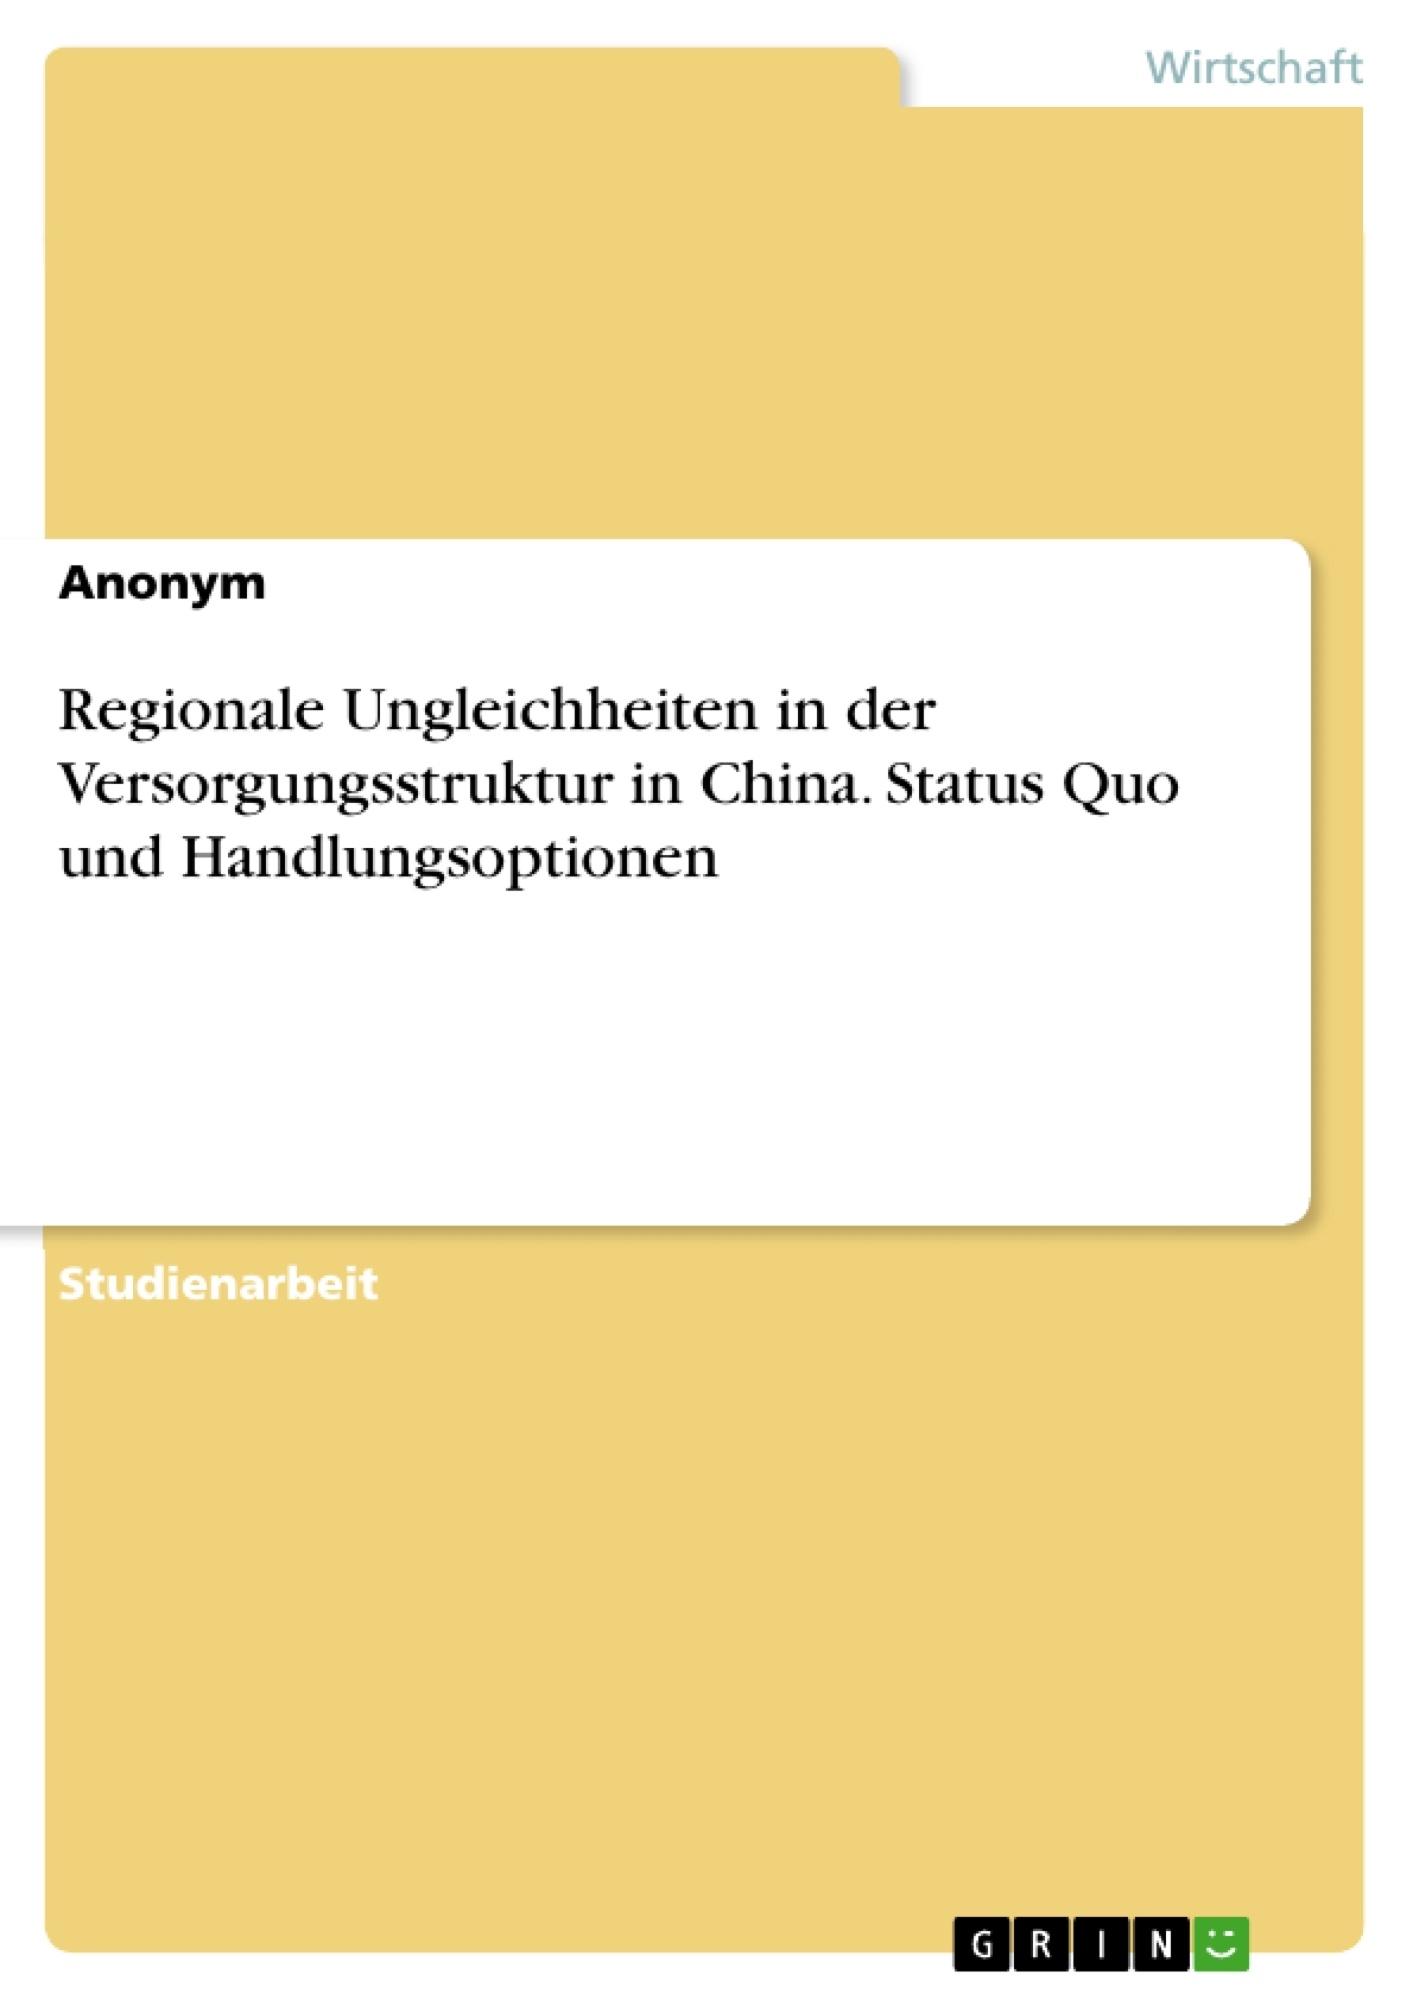 Titel: Regionale Ungleichheiten in der Versorgungsstruktur in China. Status Quo und Handlungsoptionen